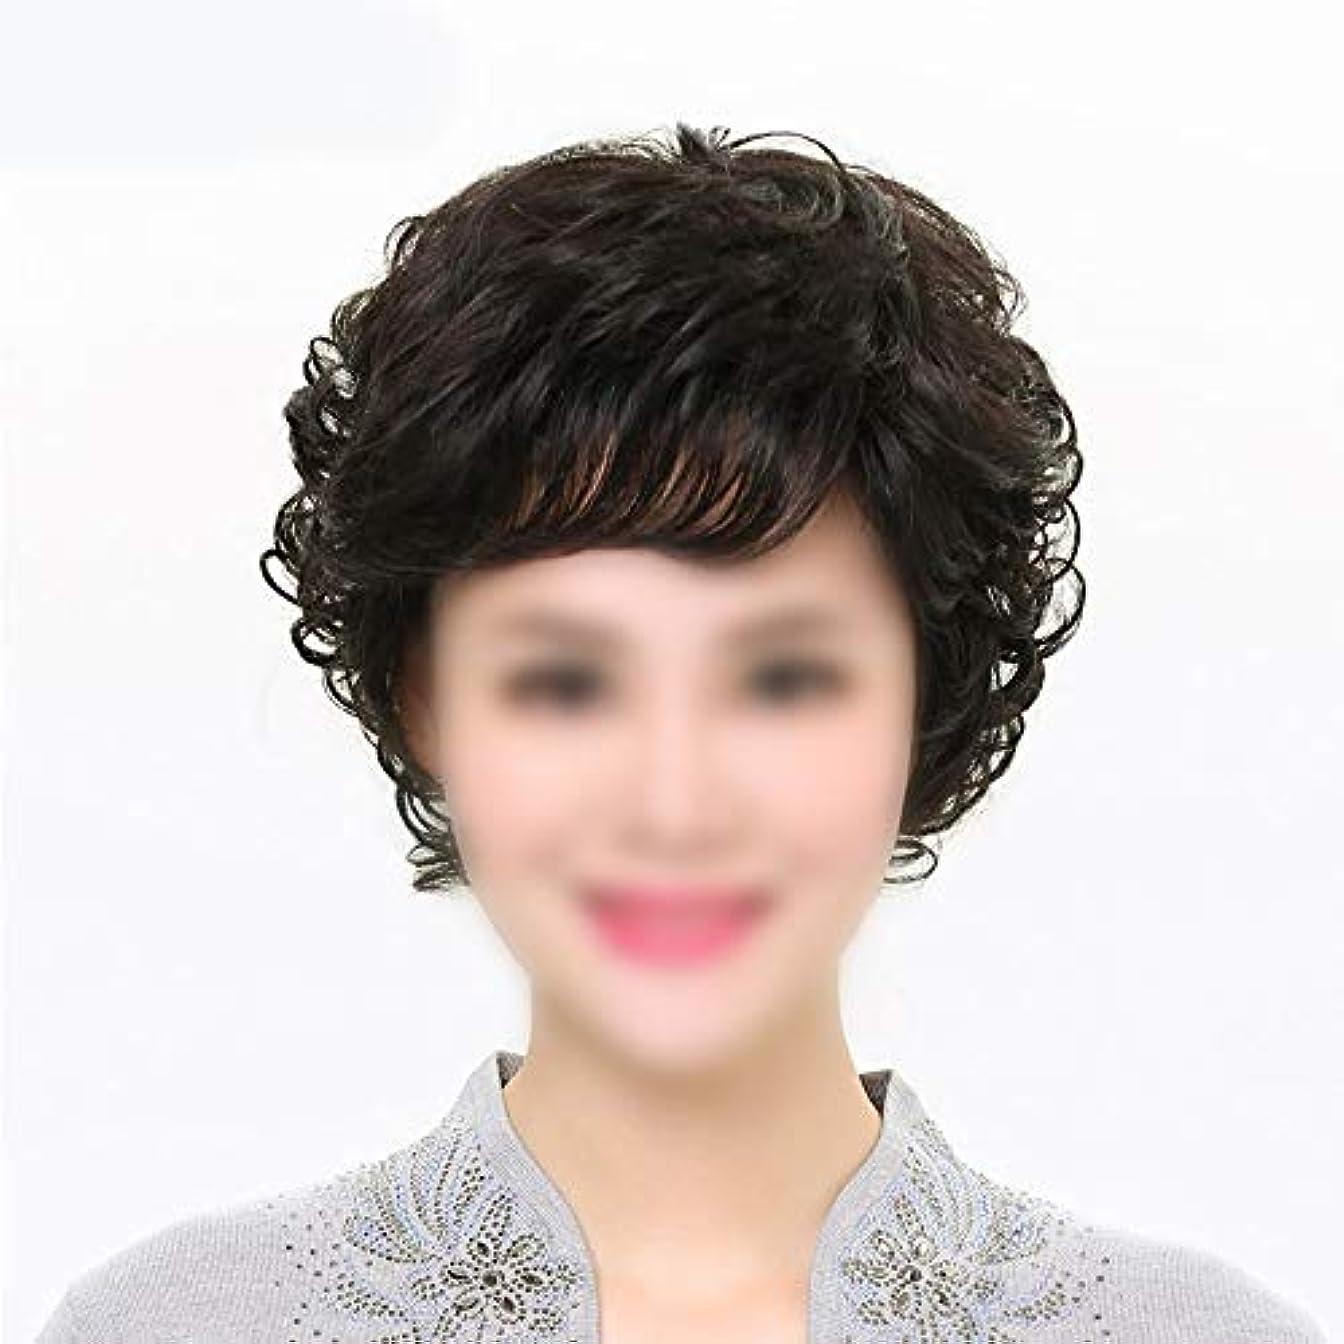 散文抵抗するウェーハYOUQIU 母ヘアウィッグ中年ウィッグウィッグのために前髪を持つ女性の本当の髪のショートカーリーヘア (色 : 黒, Edition : Mechanism)